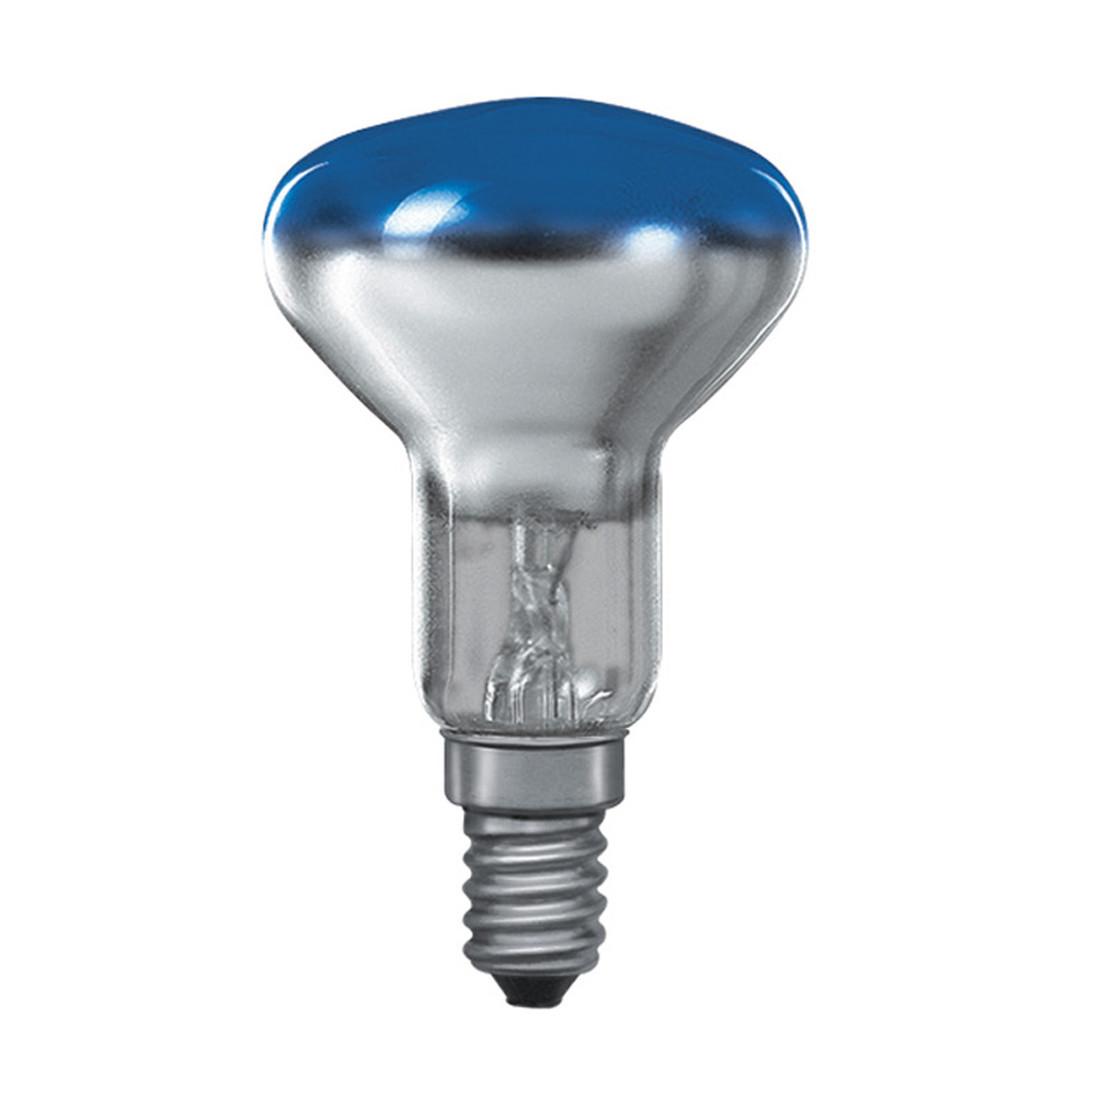 Paulmann reflektor r50 leuchtmittel 25w e14 blau 1 for Lampen rampe